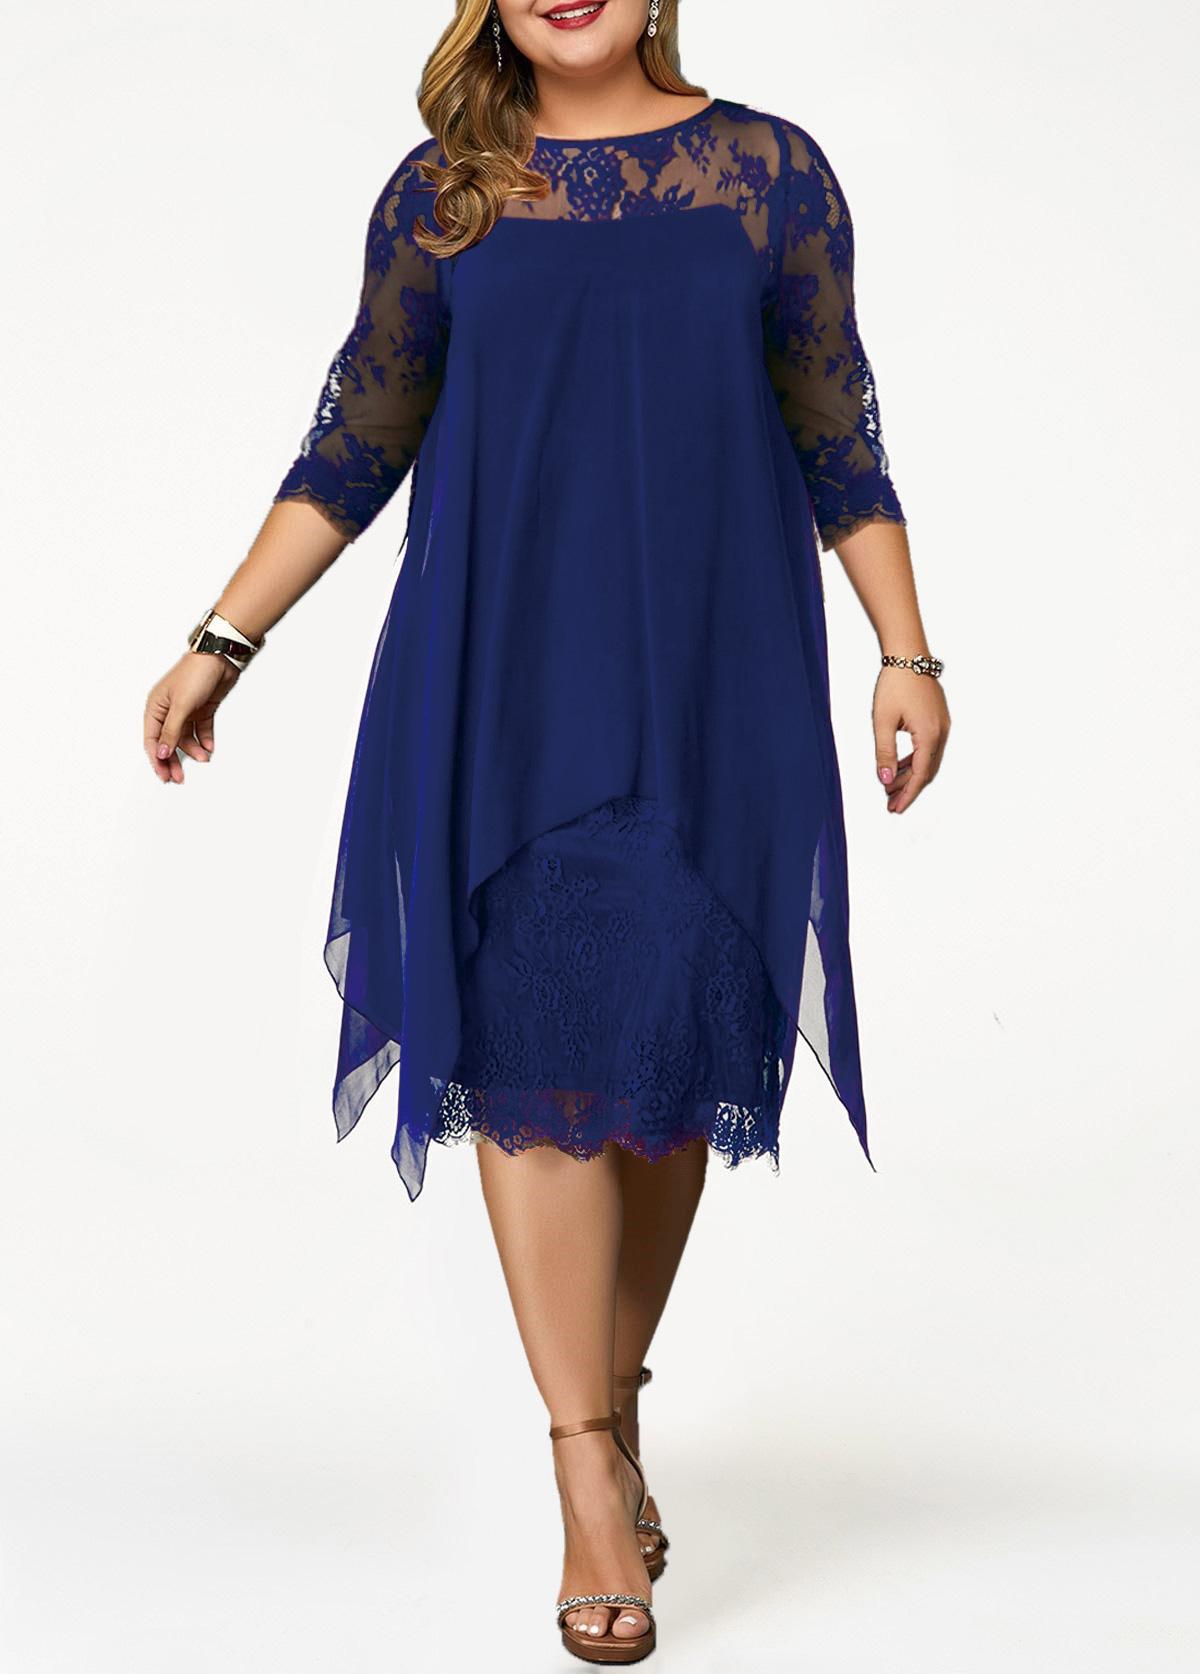 ROTITA Chiffon Overlay Lace Panel Plus Size Dress